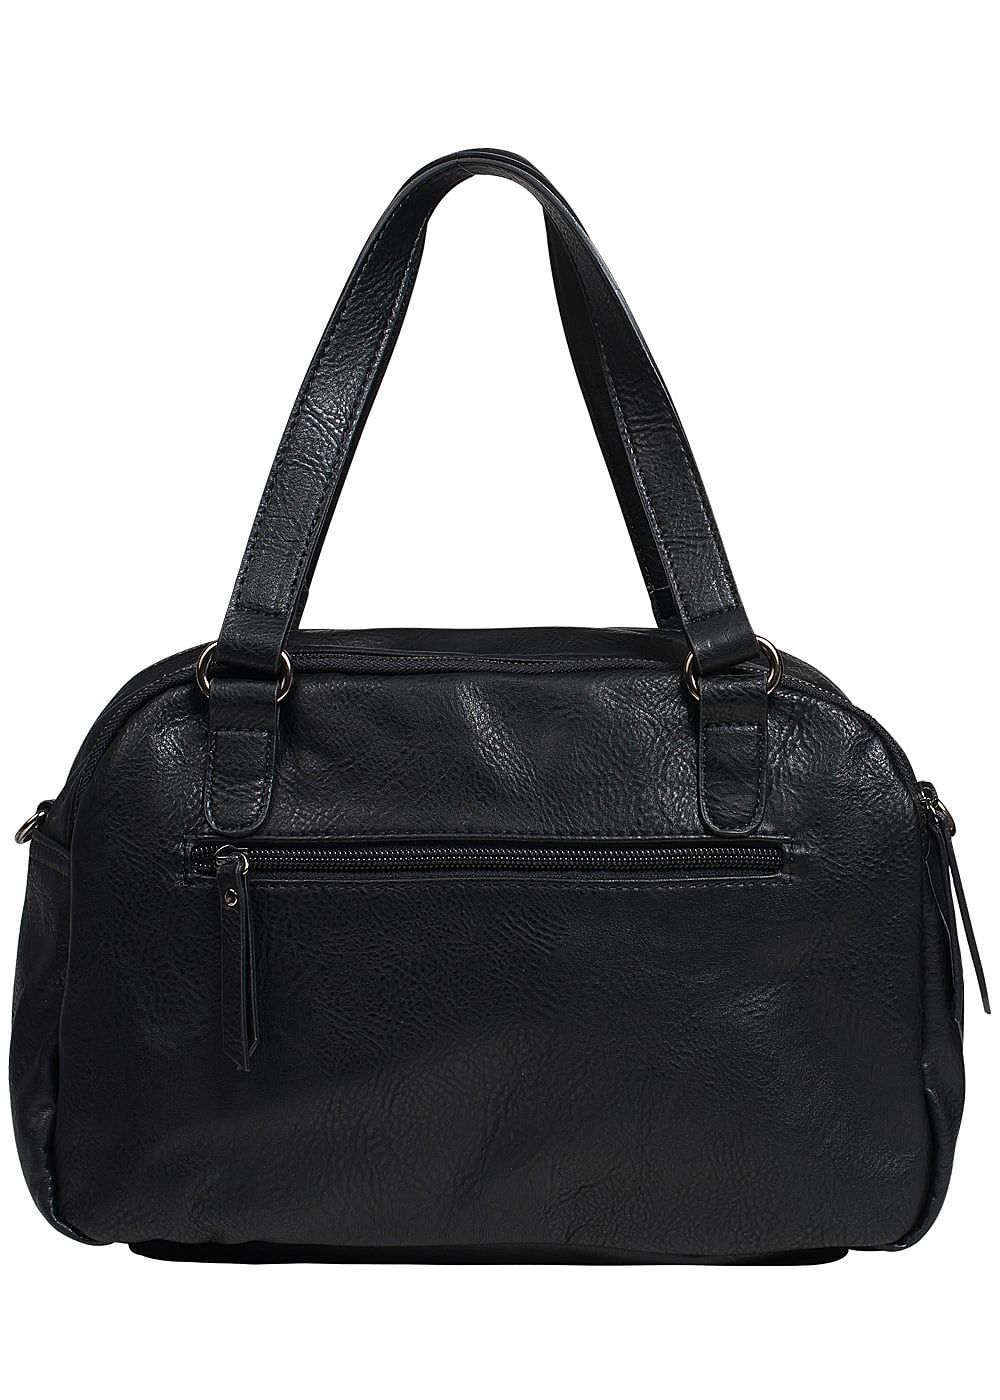 zabaione damen kunstleder handtasche 2 zip taschen schwarz. Black Bedroom Furniture Sets. Home Design Ideas